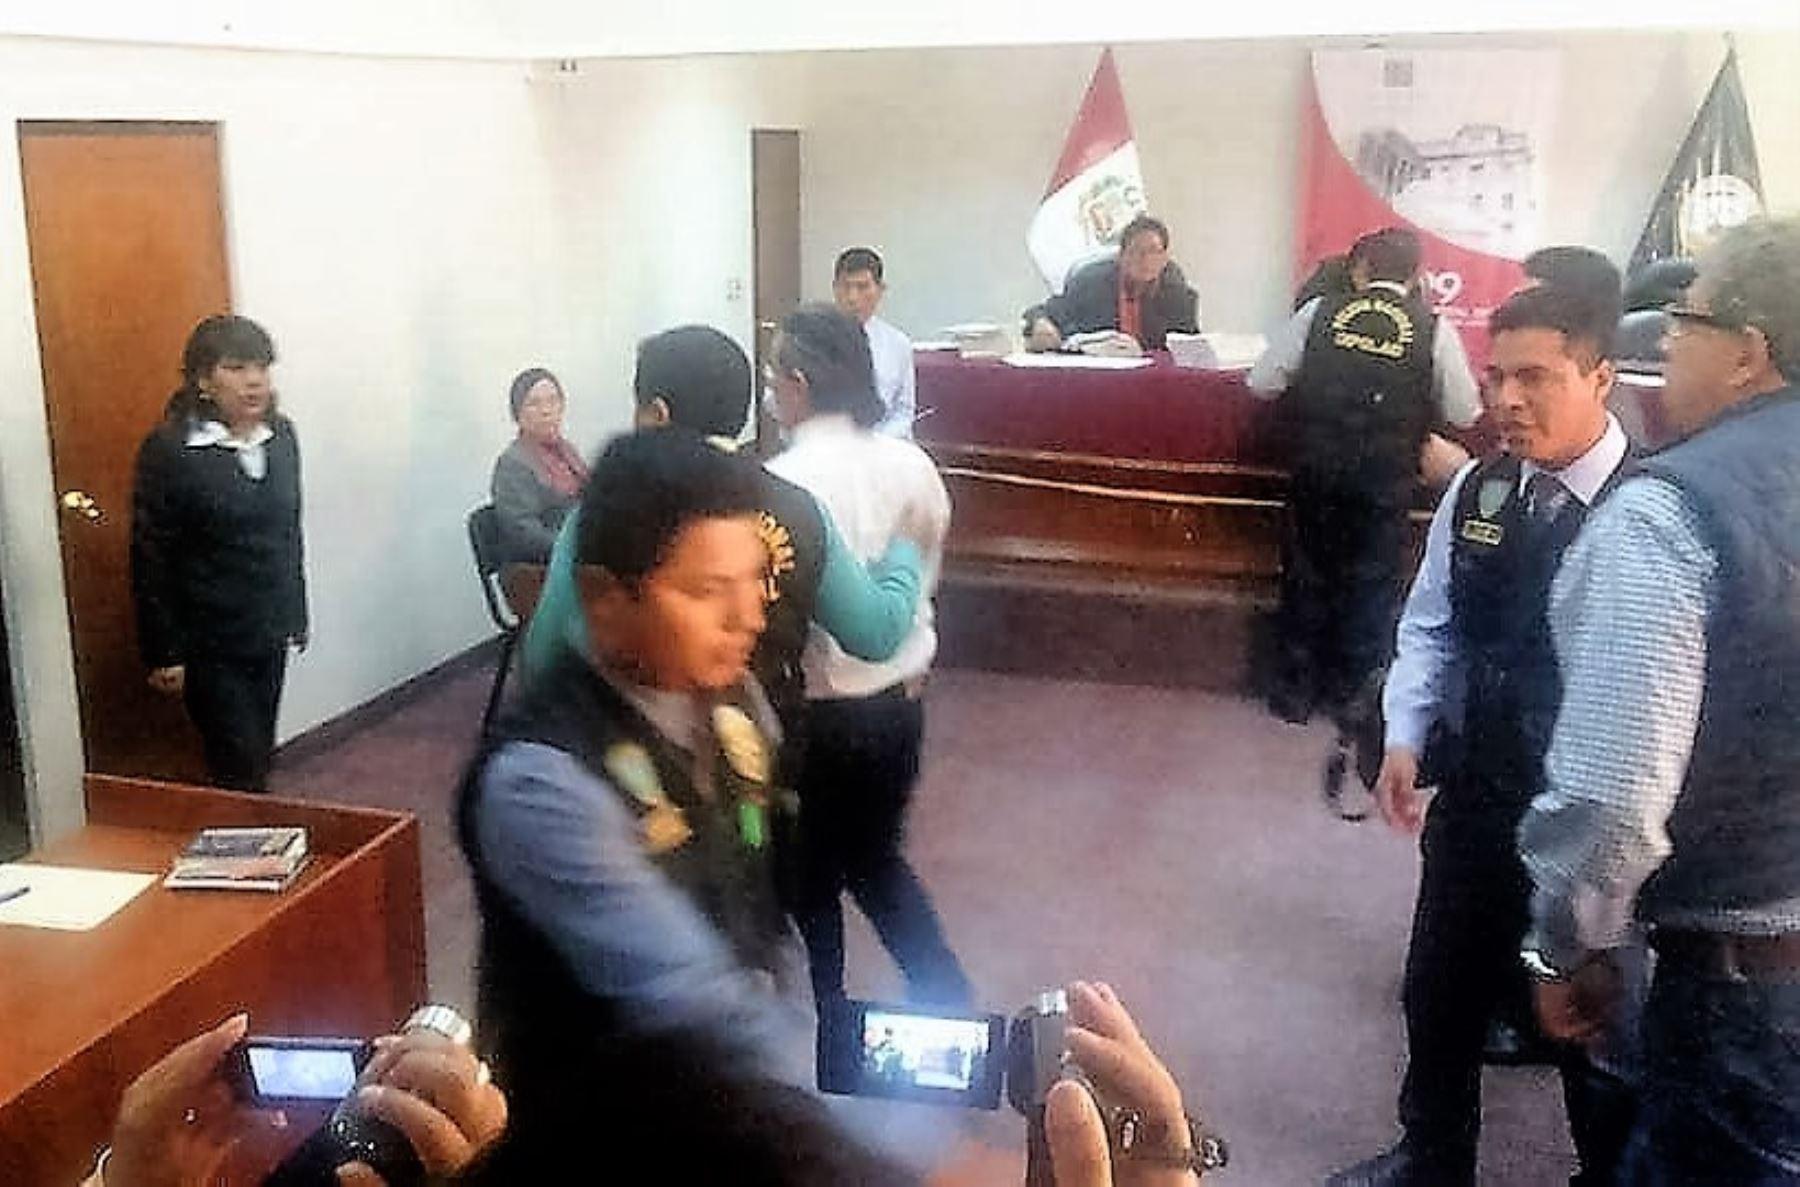 Tras dictarse sentencia, Waldo Ríos fue detenido y conducido a la carceleta judicial de Huaraz. Foto: ANDINA.